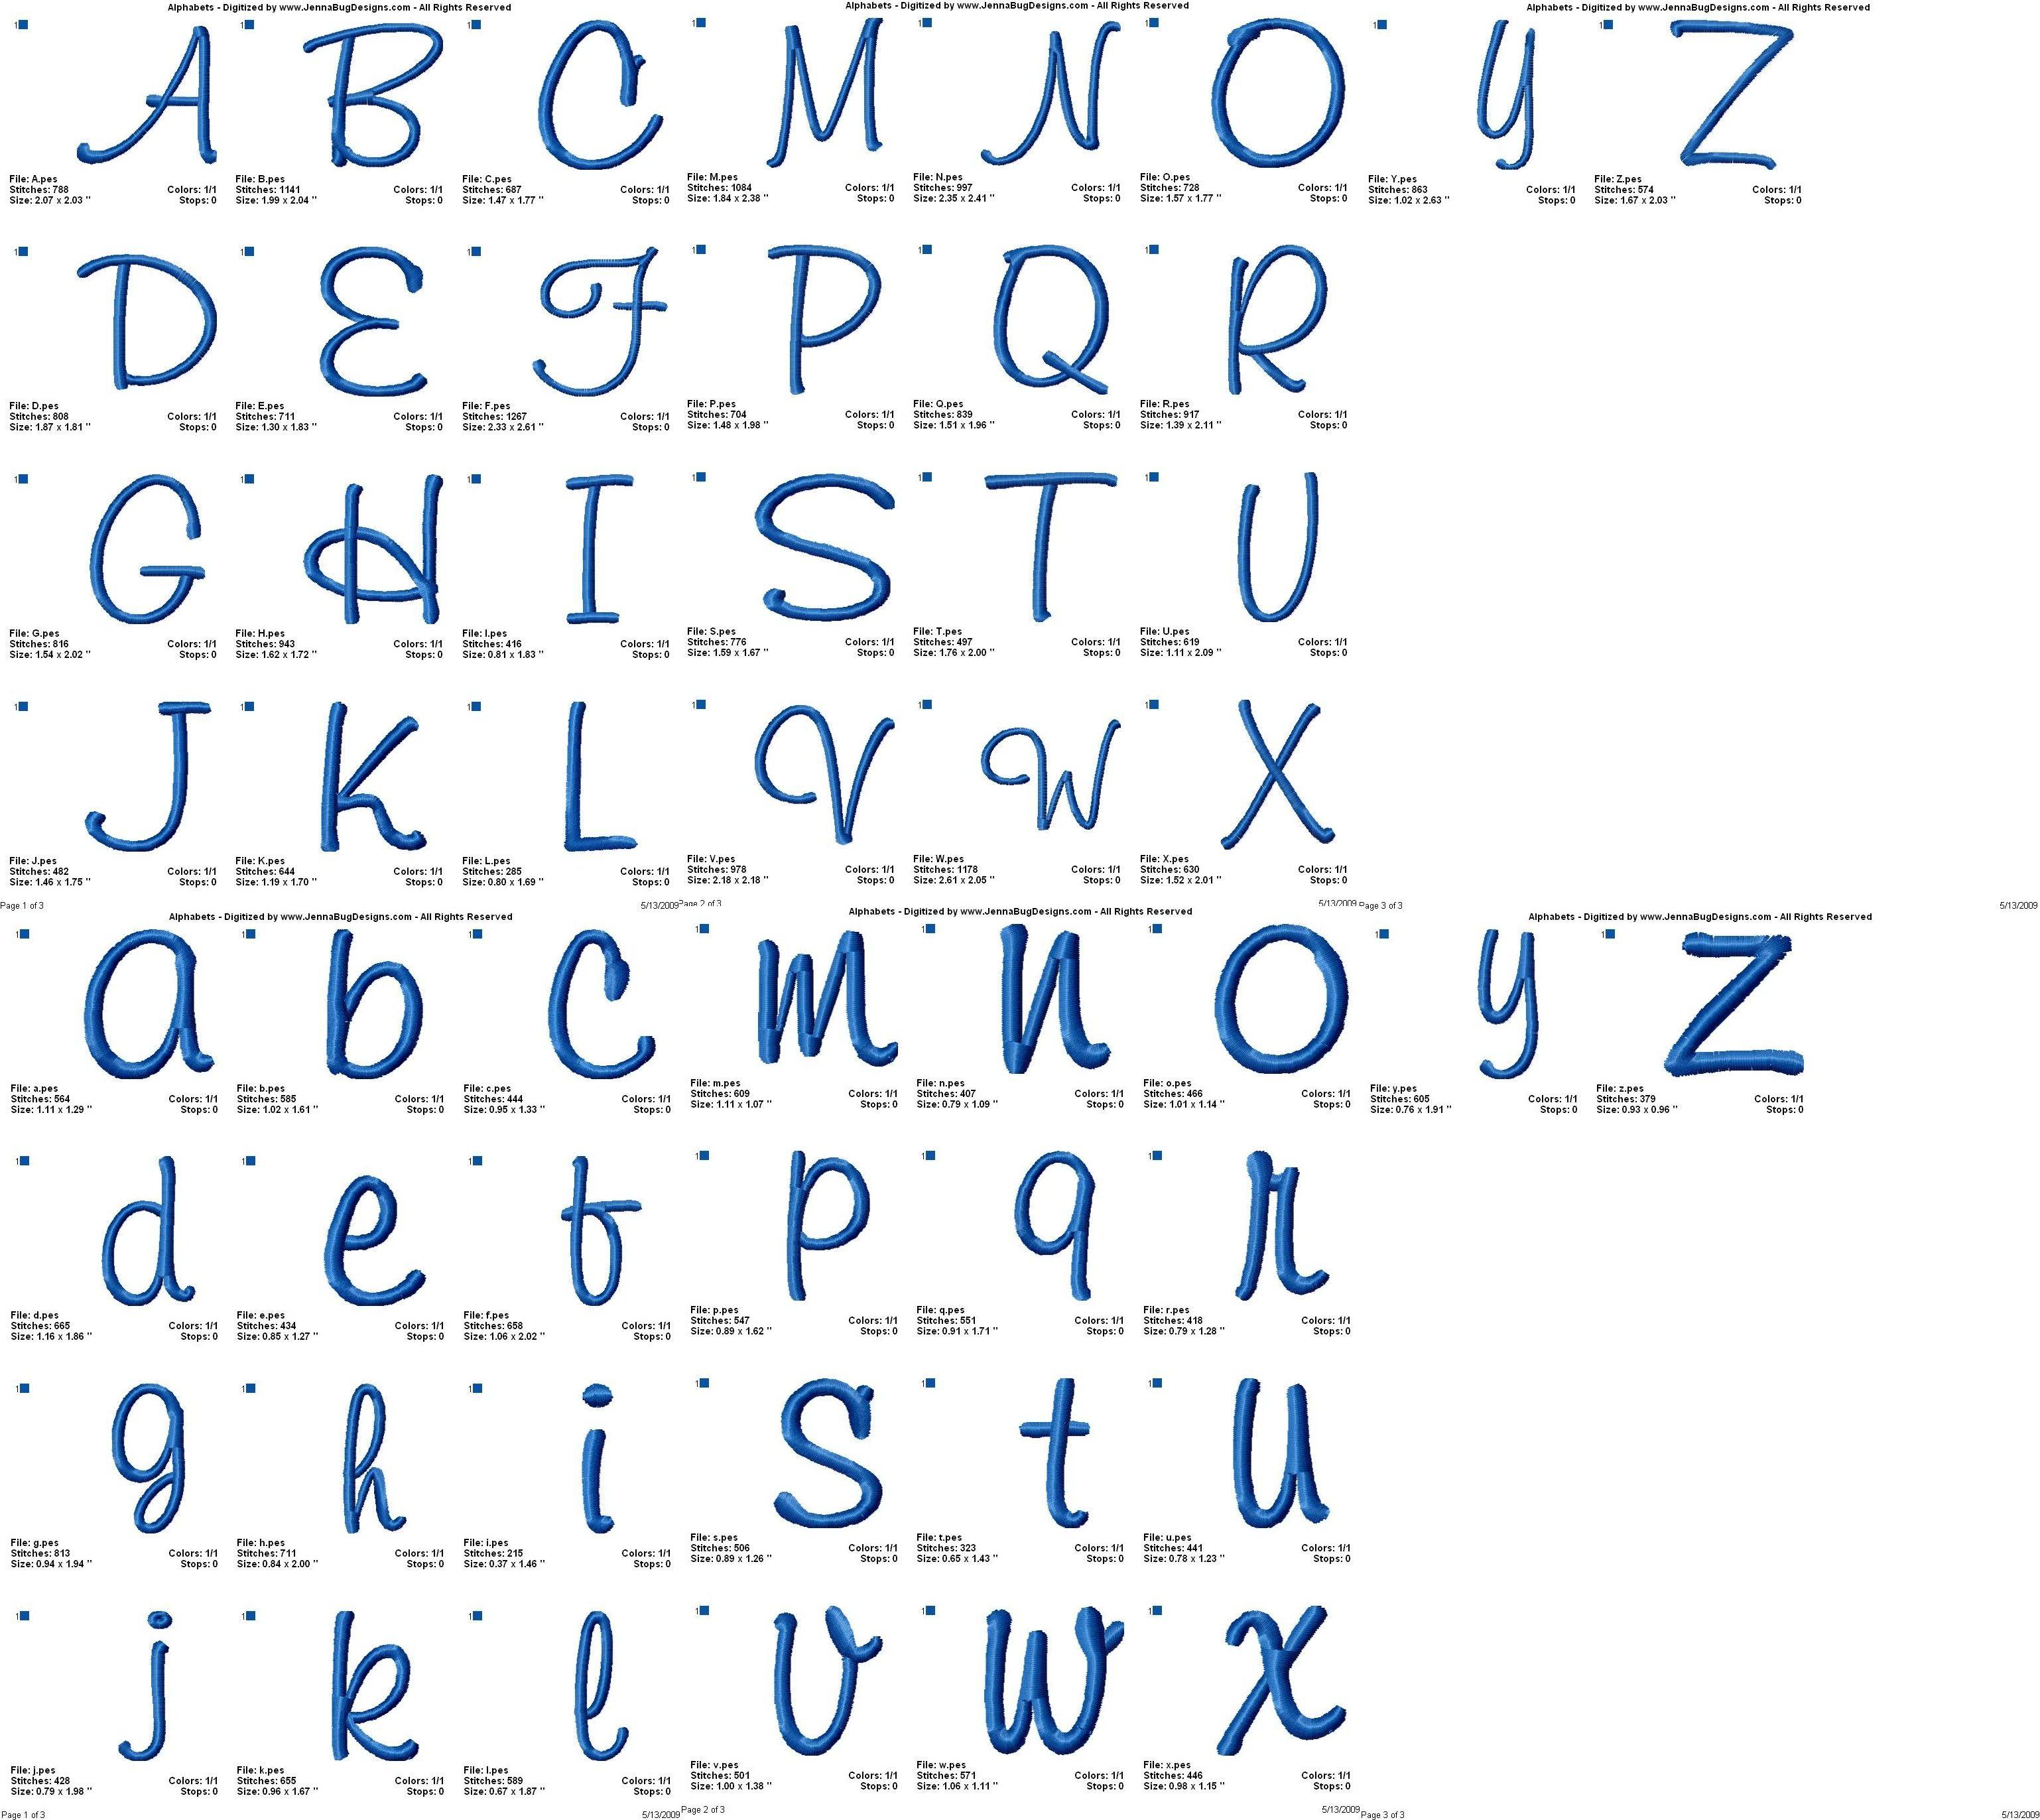 Free alphabet embroidery pattern yahoo image search results free alphabet embroidery pattern yahoo image search results spiritdancerdesigns Choice Image